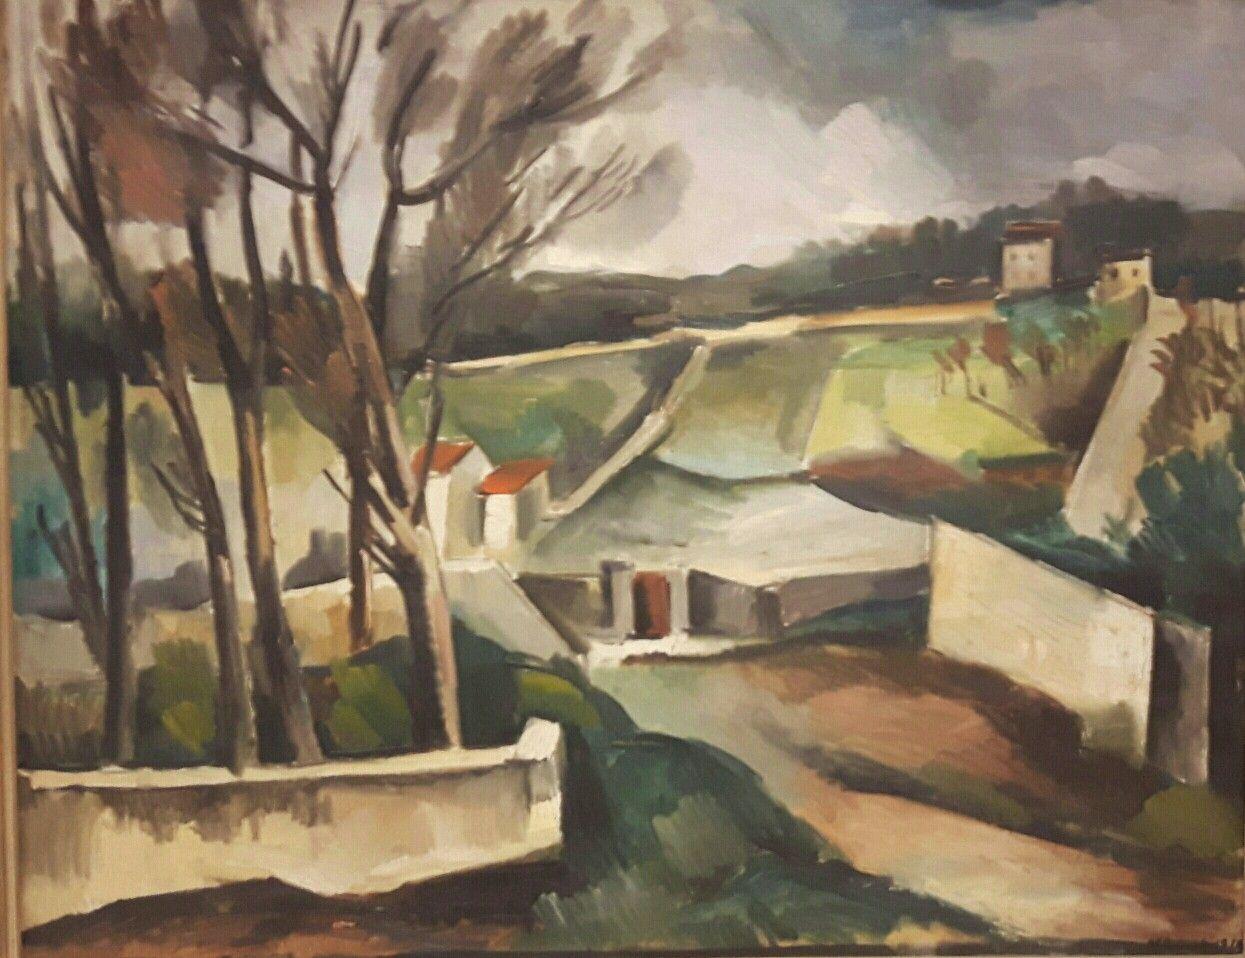 Strada verso il villaggio.  1914. Praga Narodni Galerie